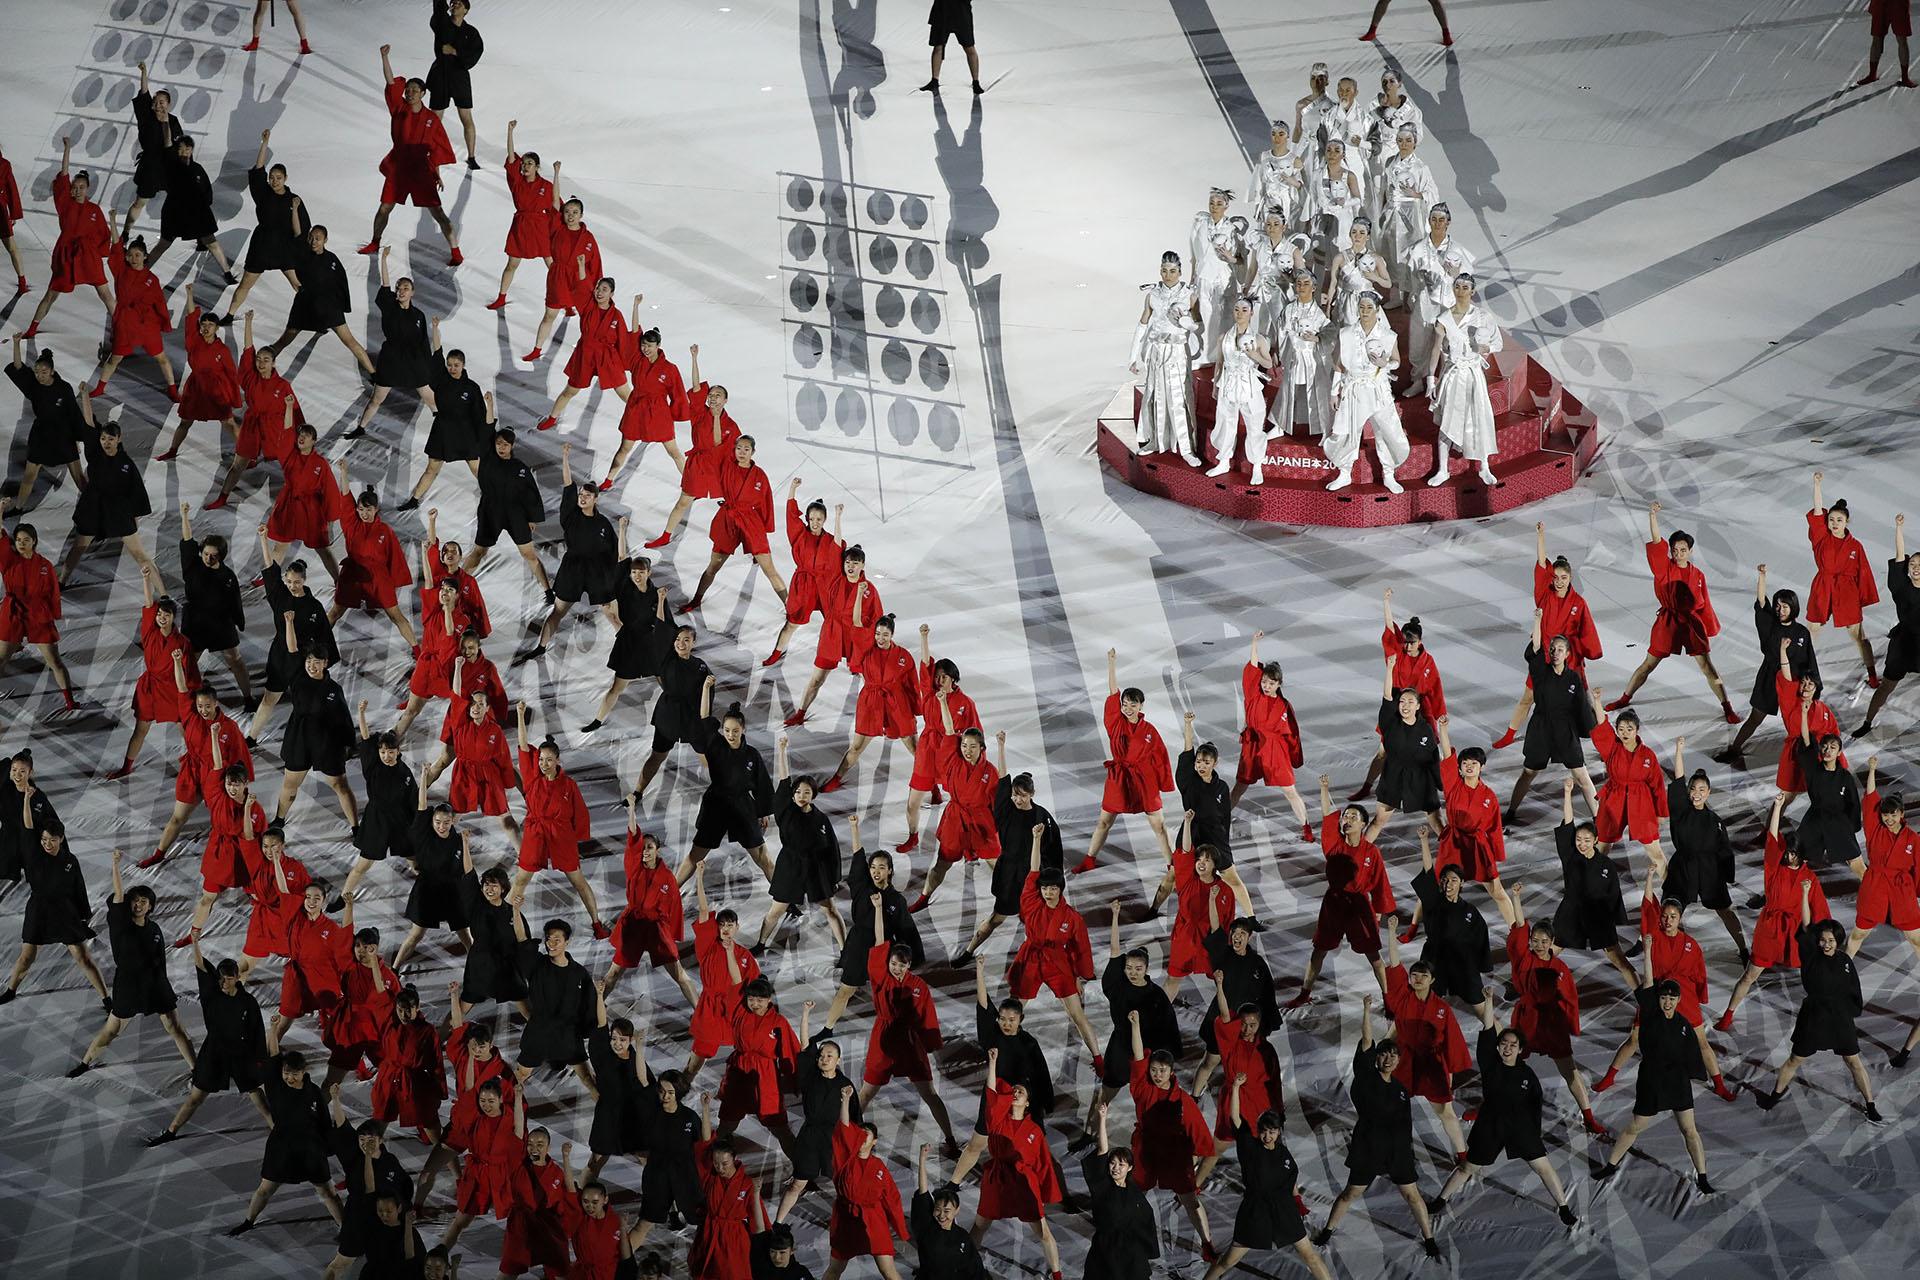 La ceremonia de apertura fue la antesala del primer partido del Mundial entre los locales y Rusia (REUTERS/Issei Kato)